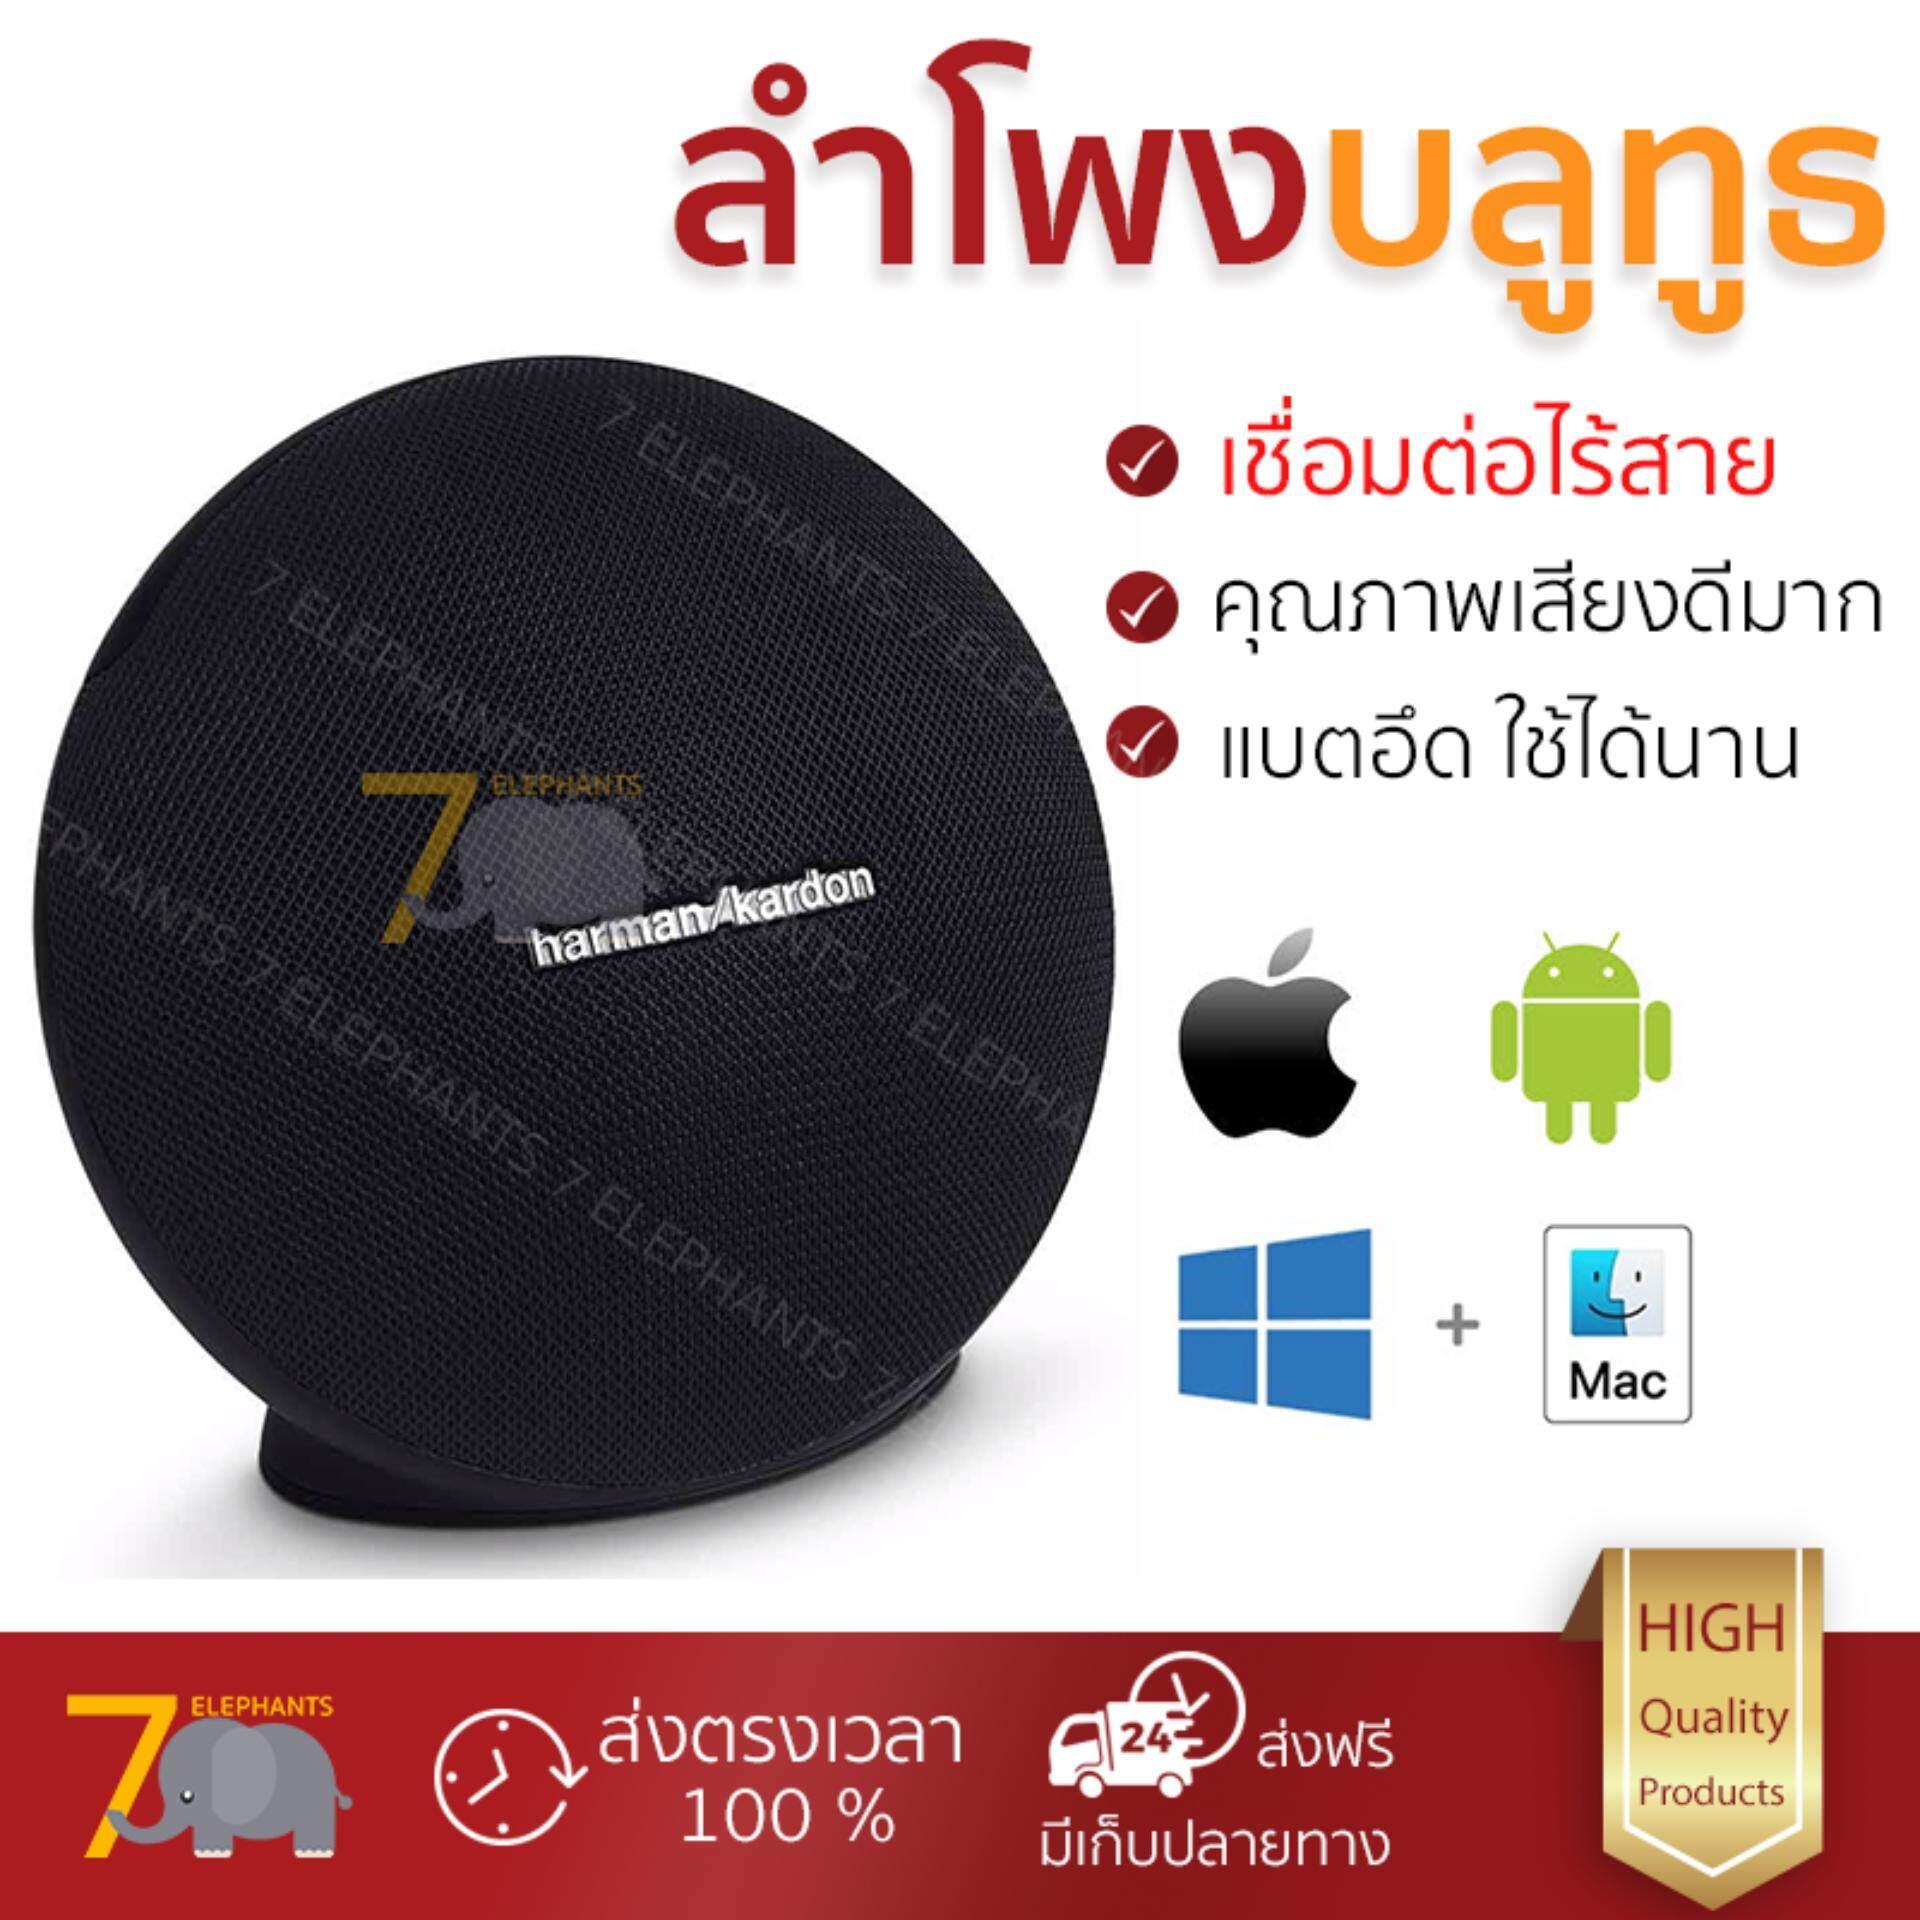 ยี่ห้อไหนดี  ฉะเชิงเทรา จัดส่งฟรี ลำโพงบลูทูธ  Harman Kardon Bluetooth Speaker 2.1 Onyx Mini Black เสียงใส คุณภาพเกินตัว Wireless Bluetooth Speaker รับประกัน 1 ปี